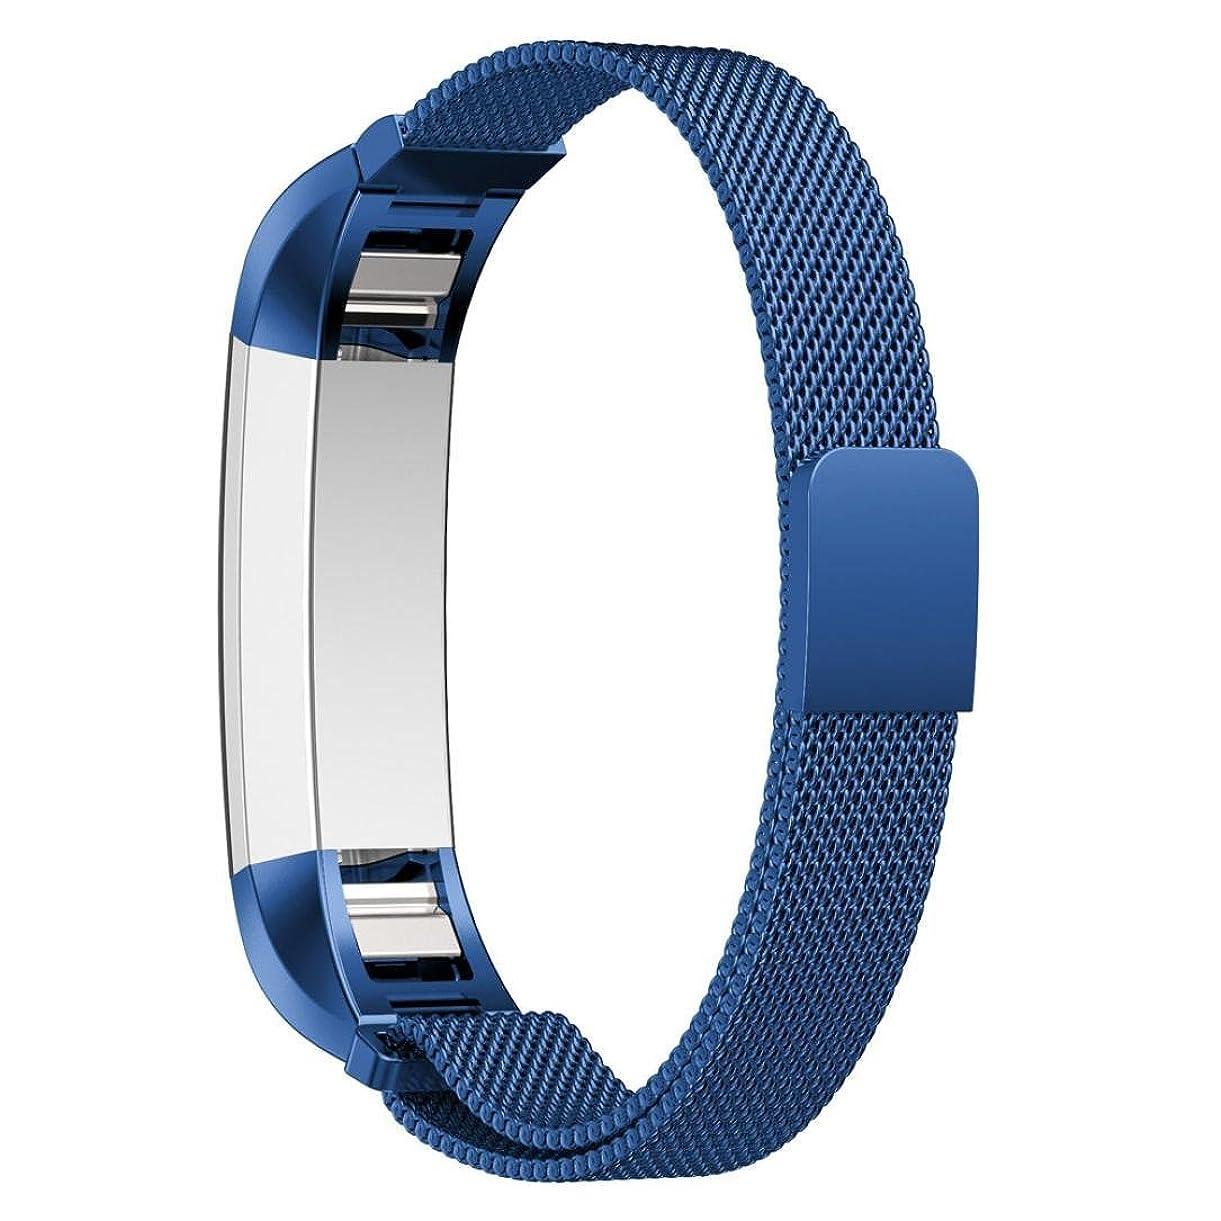 クレデンシャルバータープロットXIHAMA for Fitbit Alta Fitbit Alta HR バンド 交換用ブレスレット ベルト ミラノループメタル バングル 女性 男性フィットネス用 スポーツリストバンド スマートウォッチアクセサリー (blue)